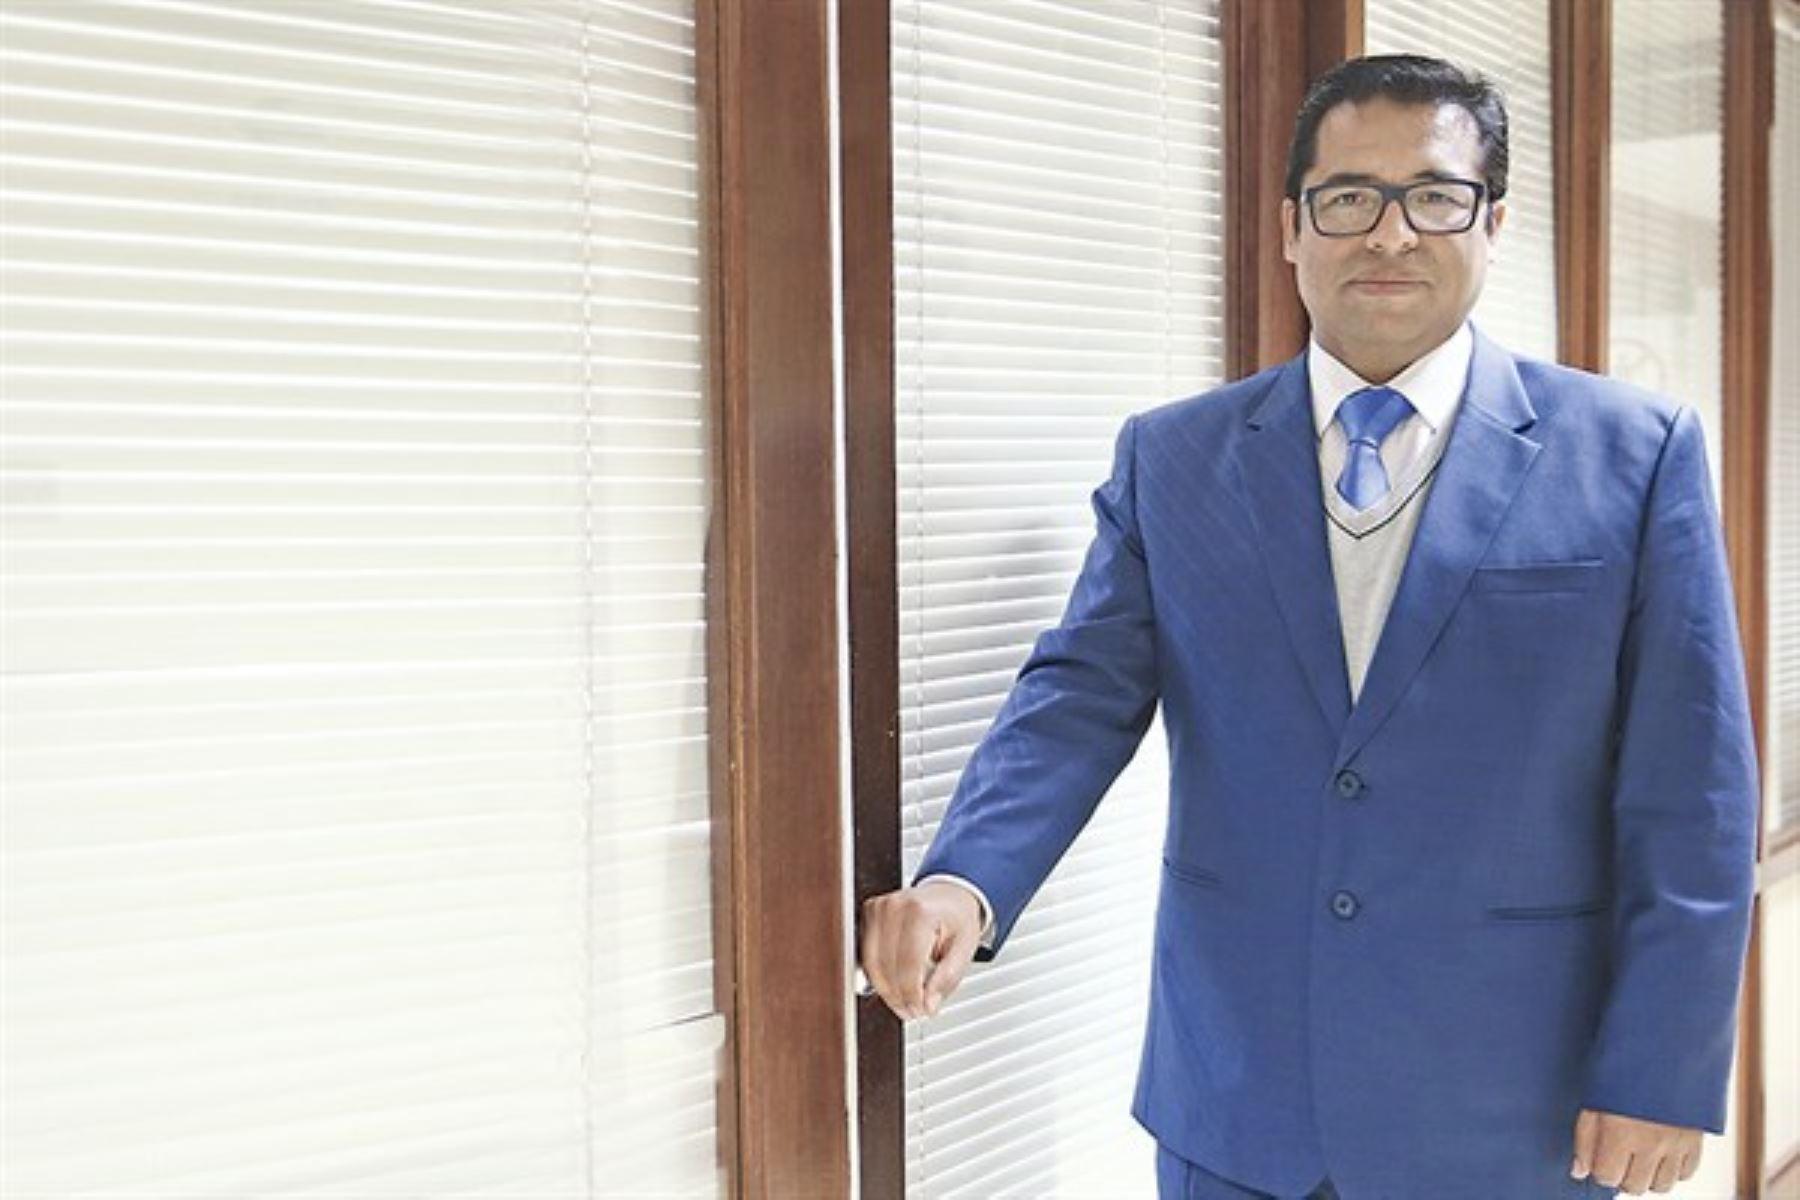 Gerente público del IGP, Edgar Delgado, afirma que trabaja en el Estado porque se siente de una generación que es parte del cambio.